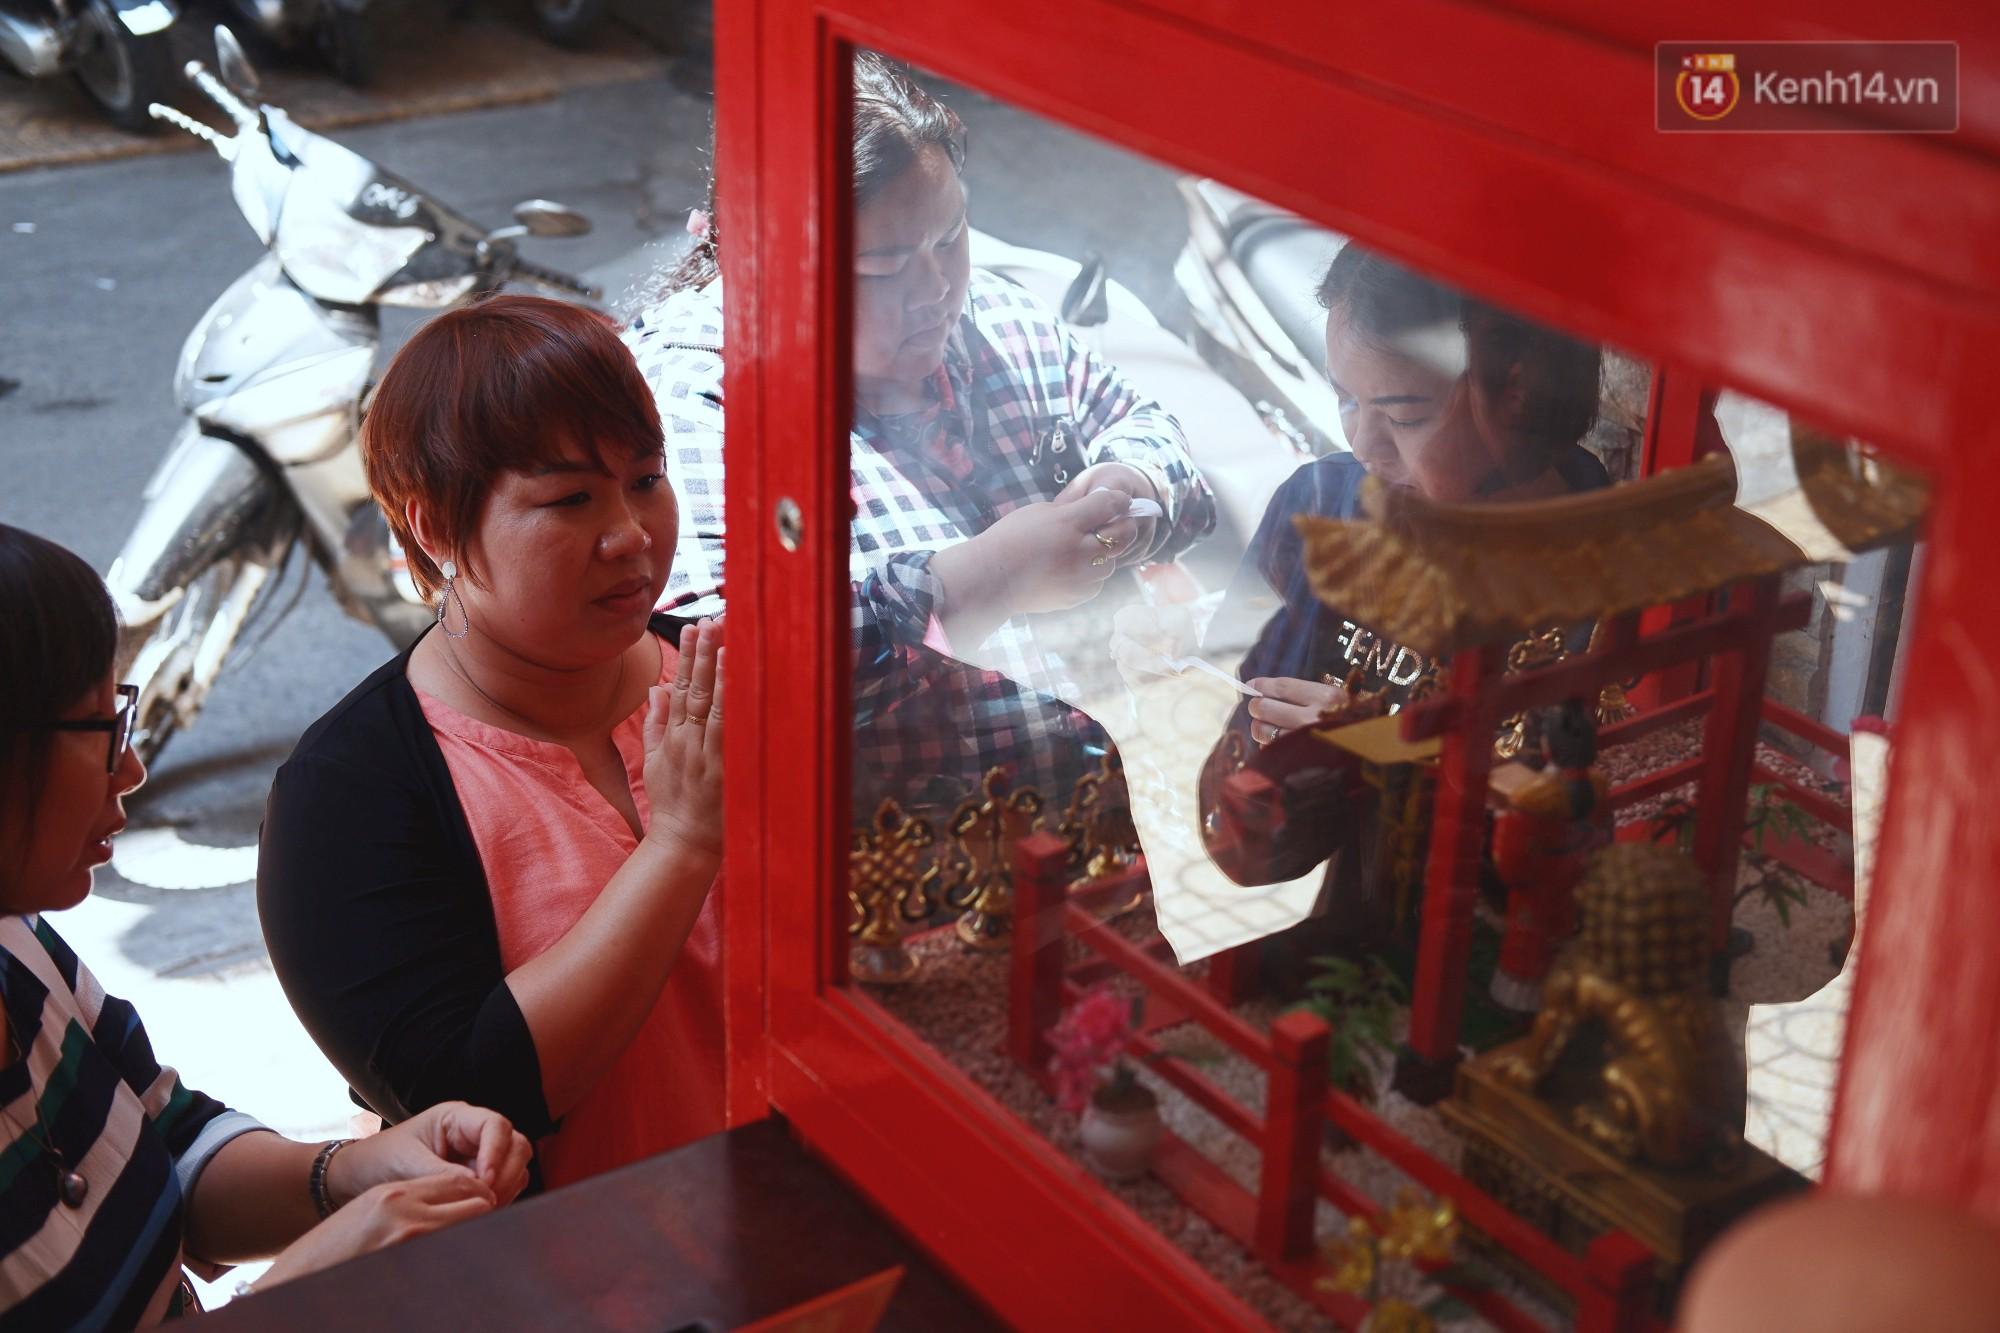 Bỏ tiền xu lấy thẻ xăm bằng máy tự động: Người Sài Gòn nườm nượp xem quẻ đầu năm thời công nghệ 4.0 - Ảnh 10.